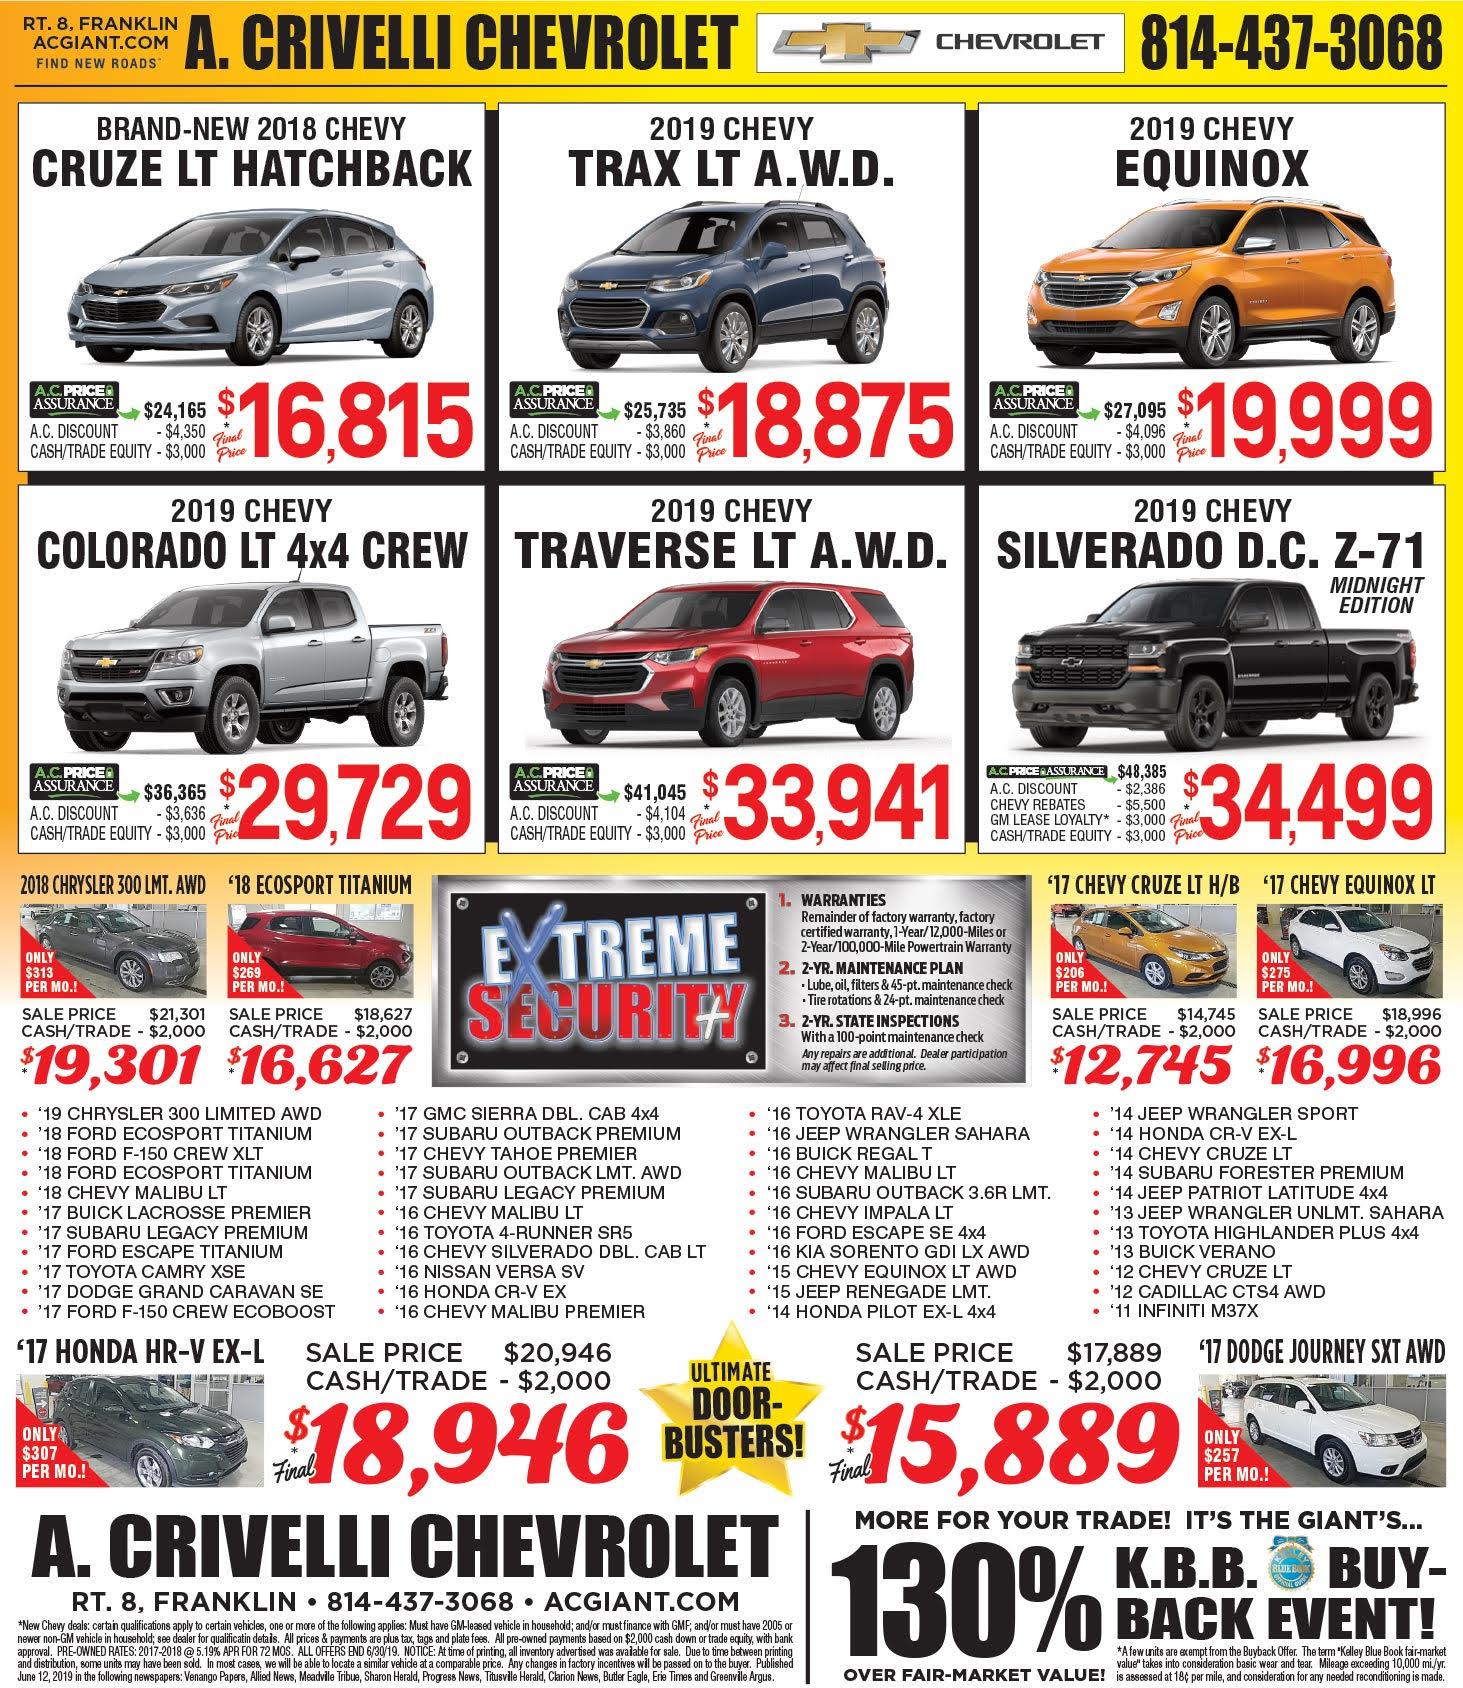 A Crivelli Subaru >> A Crivelli Subaru Upcoming New Car Release 2020